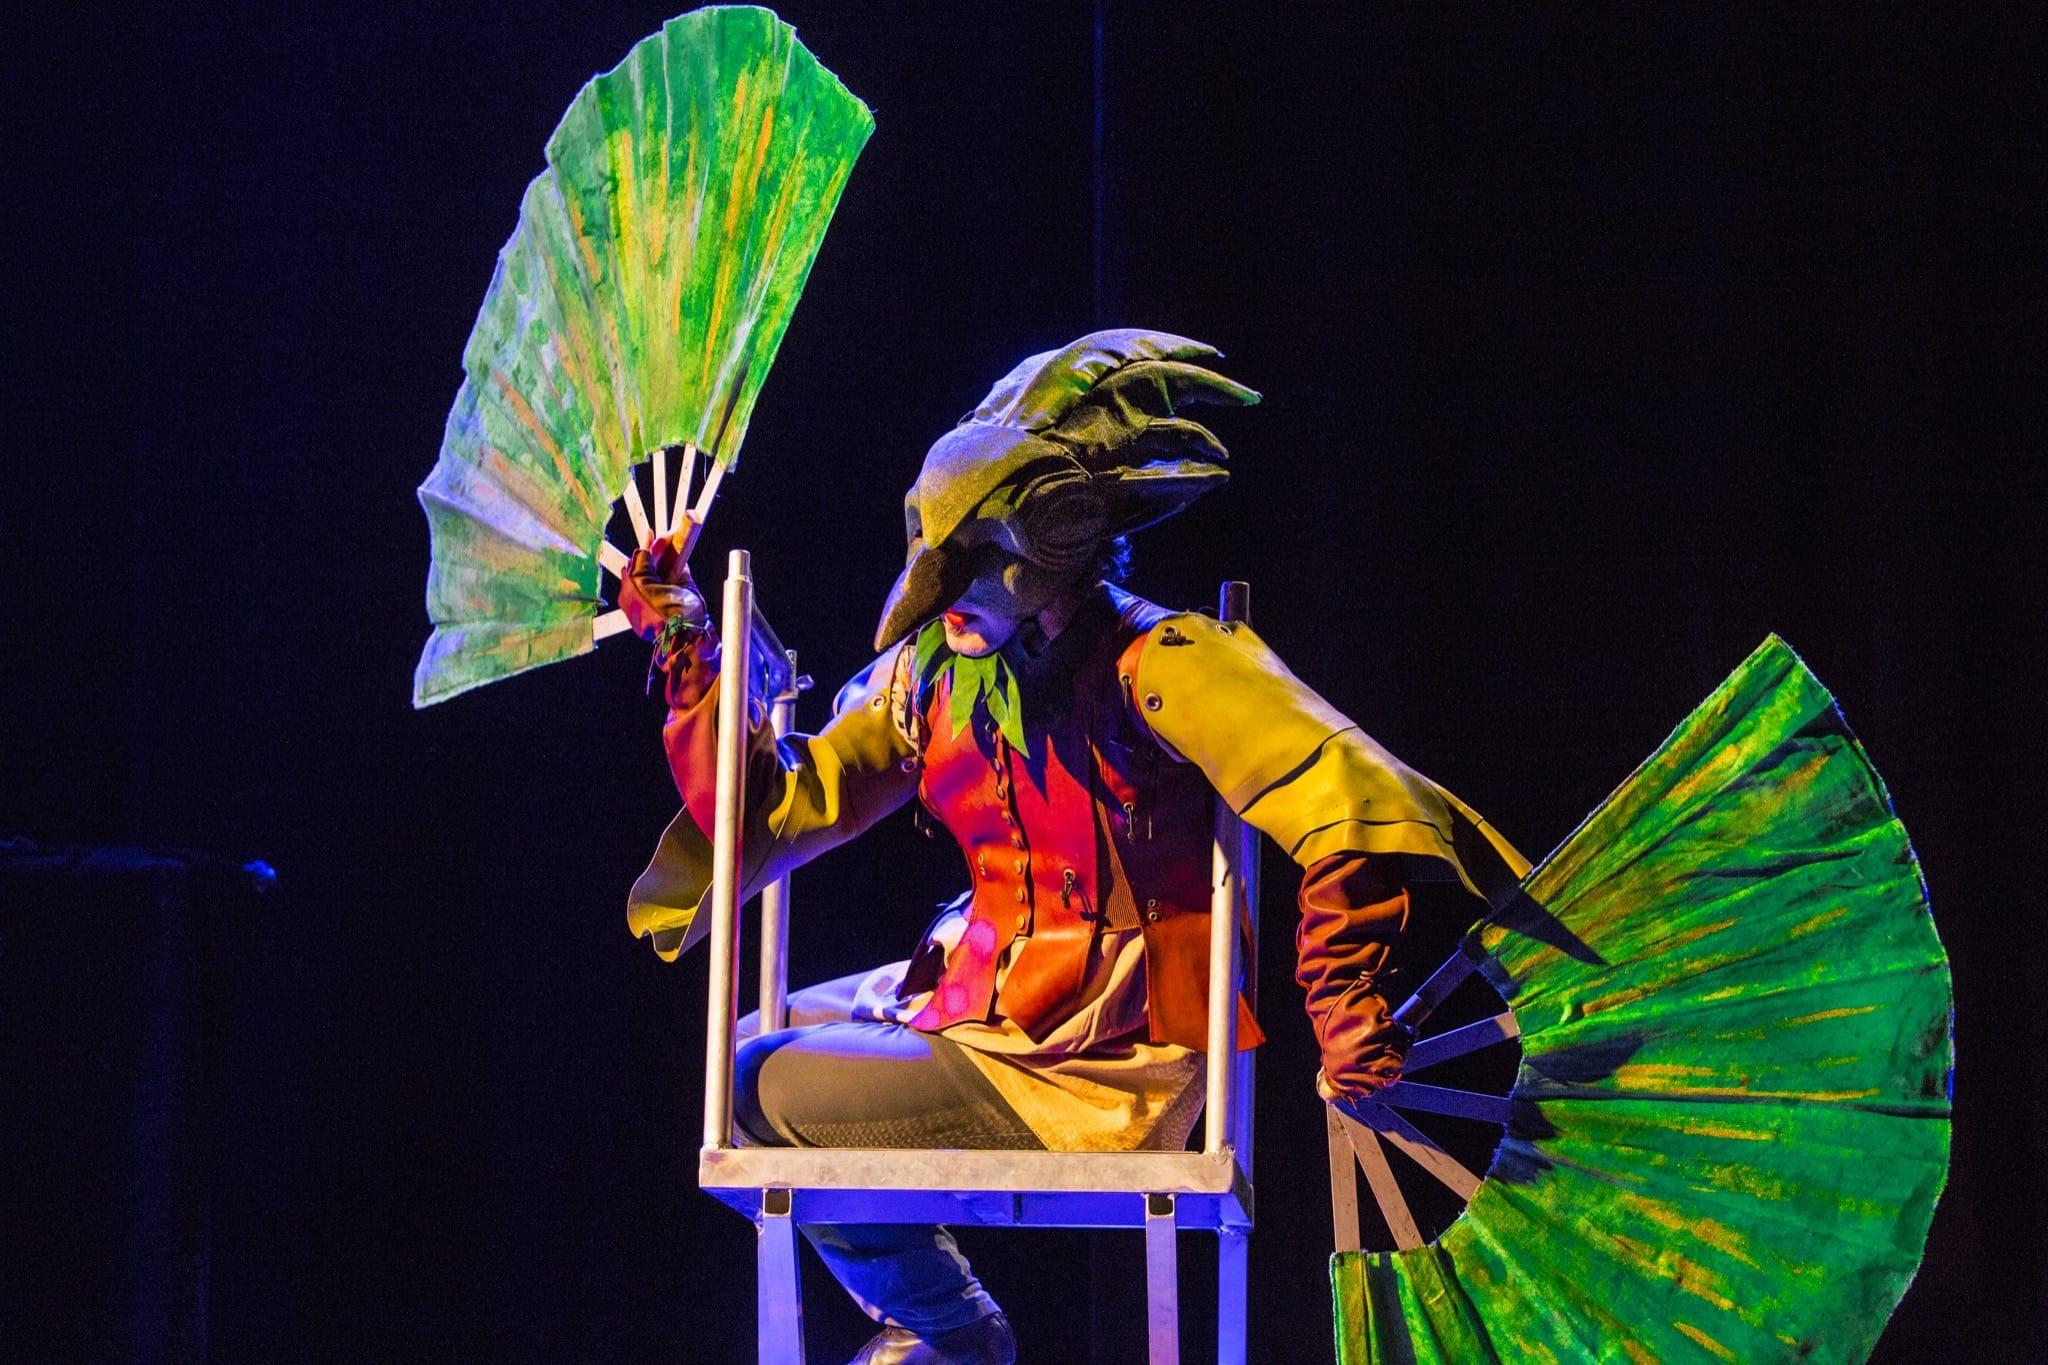 L'oiseau vert de Compagnie des Asphodèles photo 3